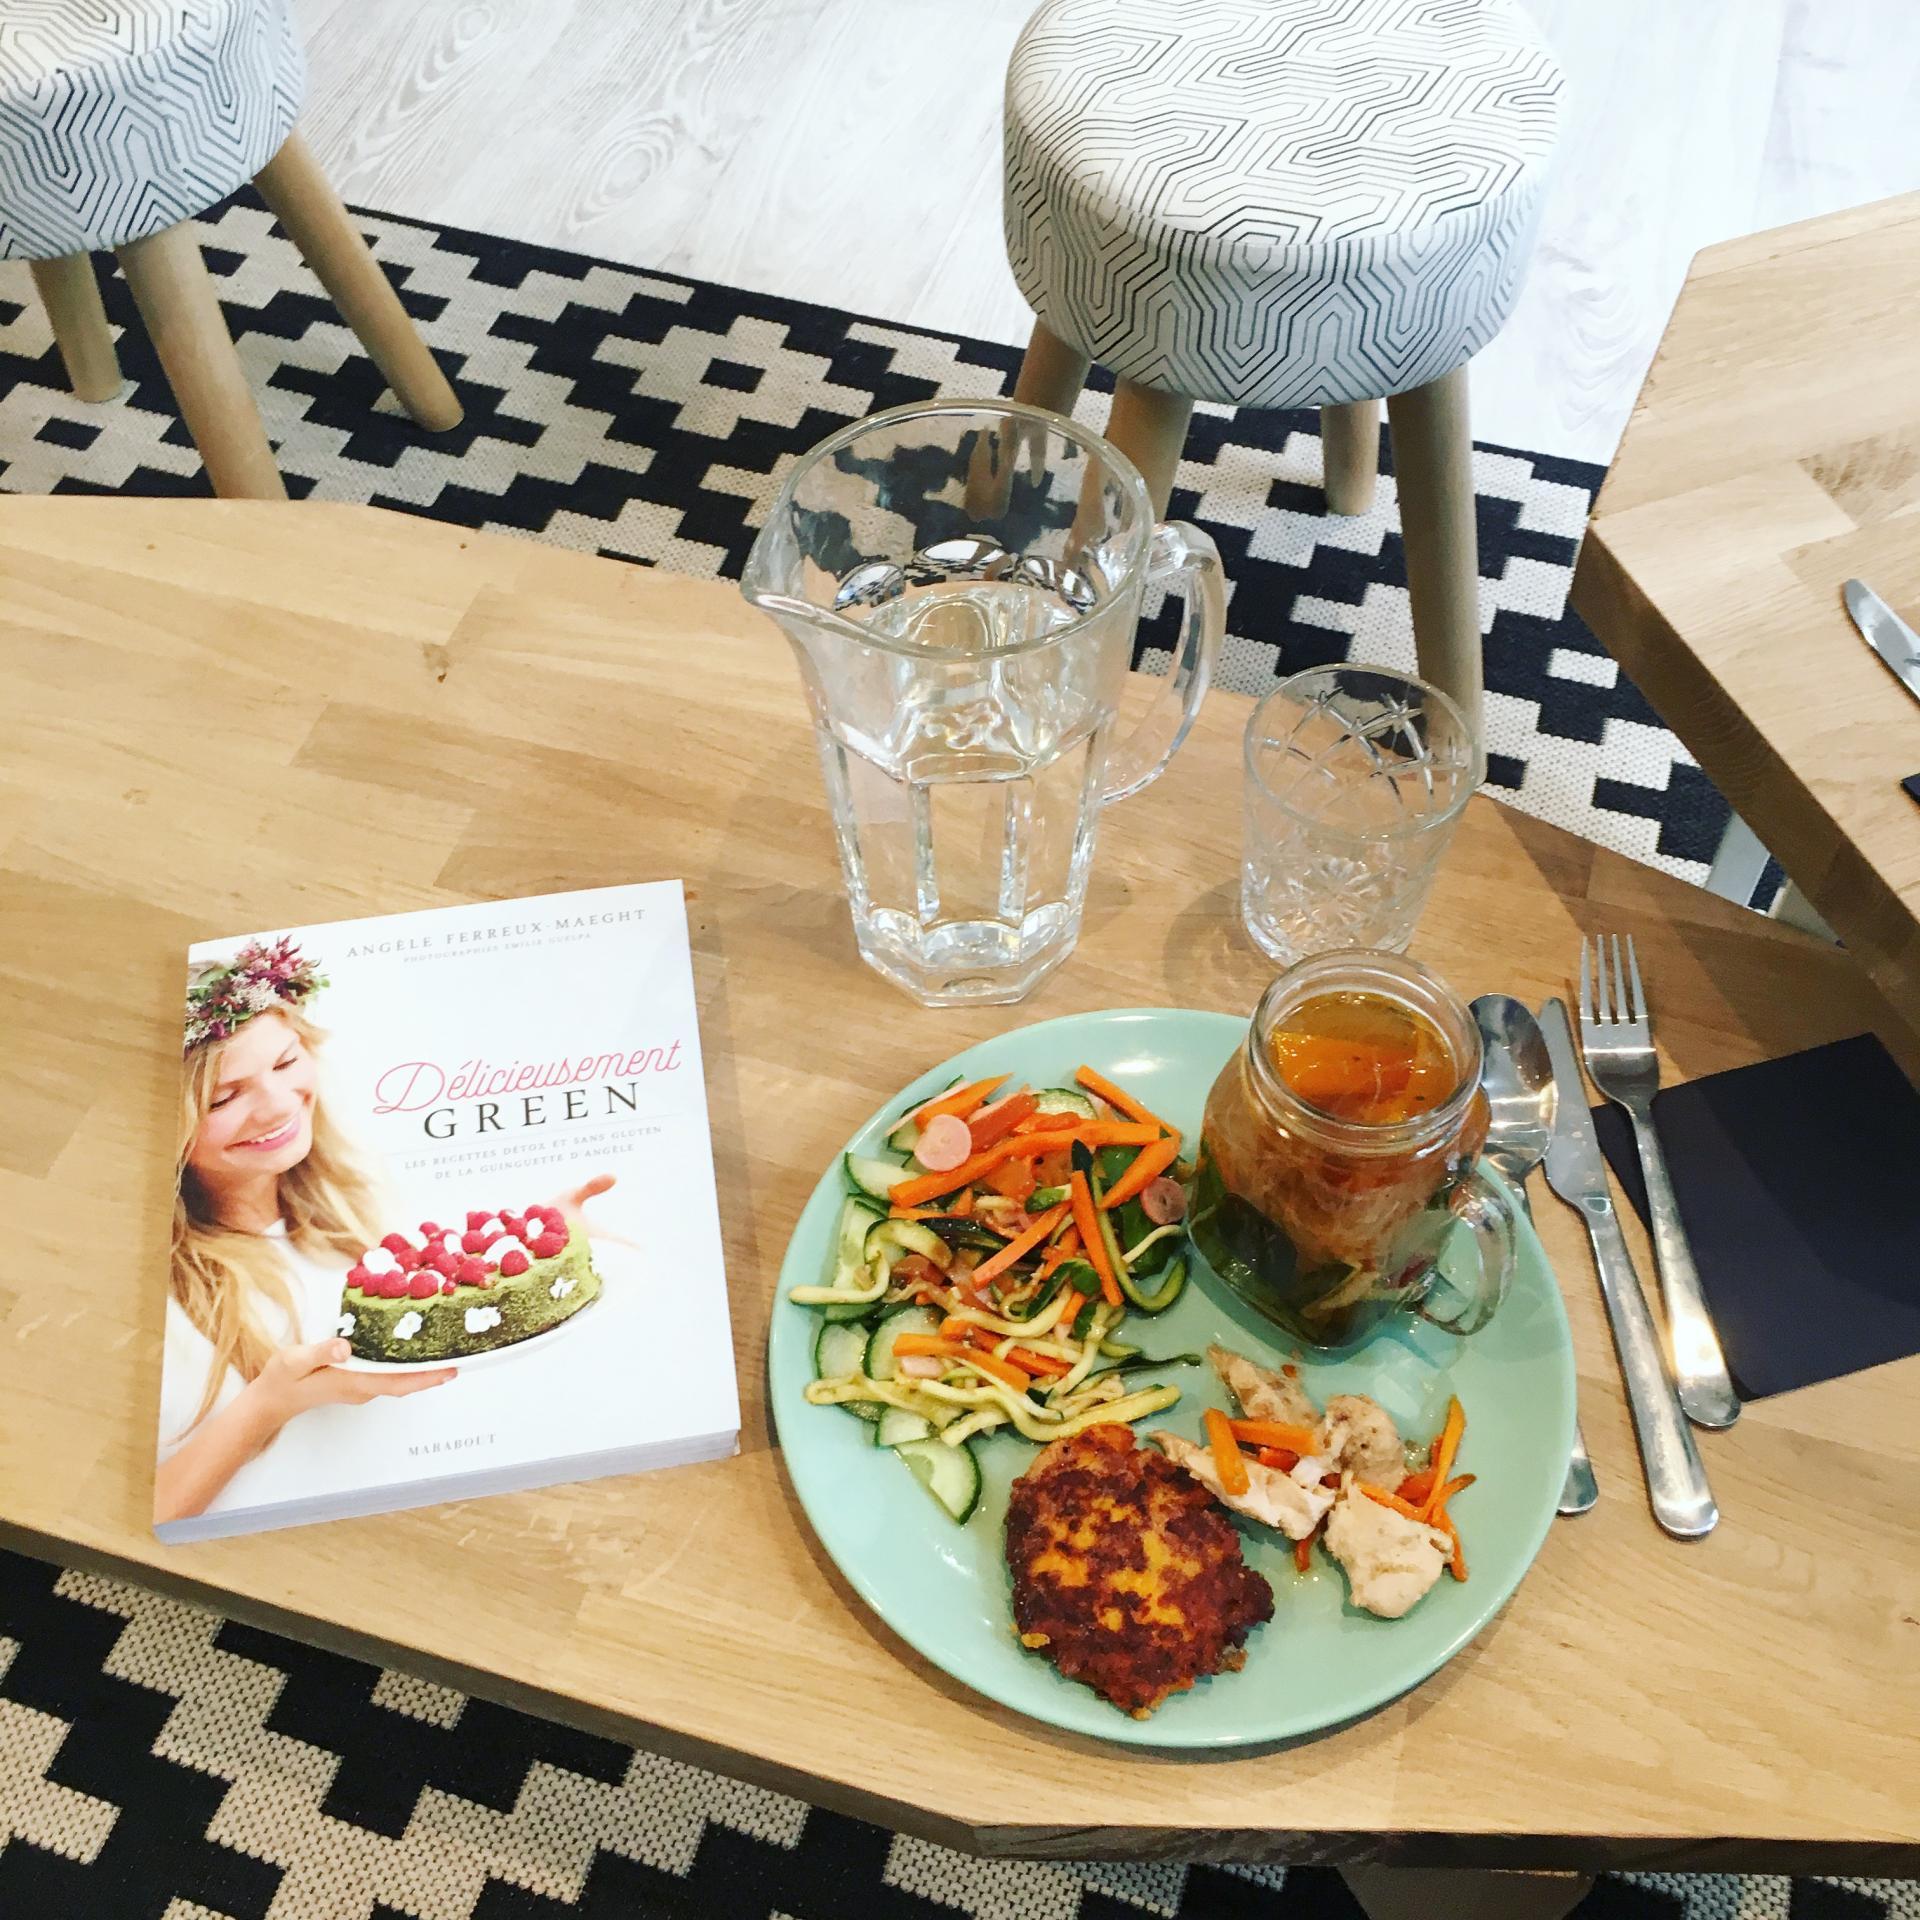 Mes adresses resto Healthy food à Paris - image 2